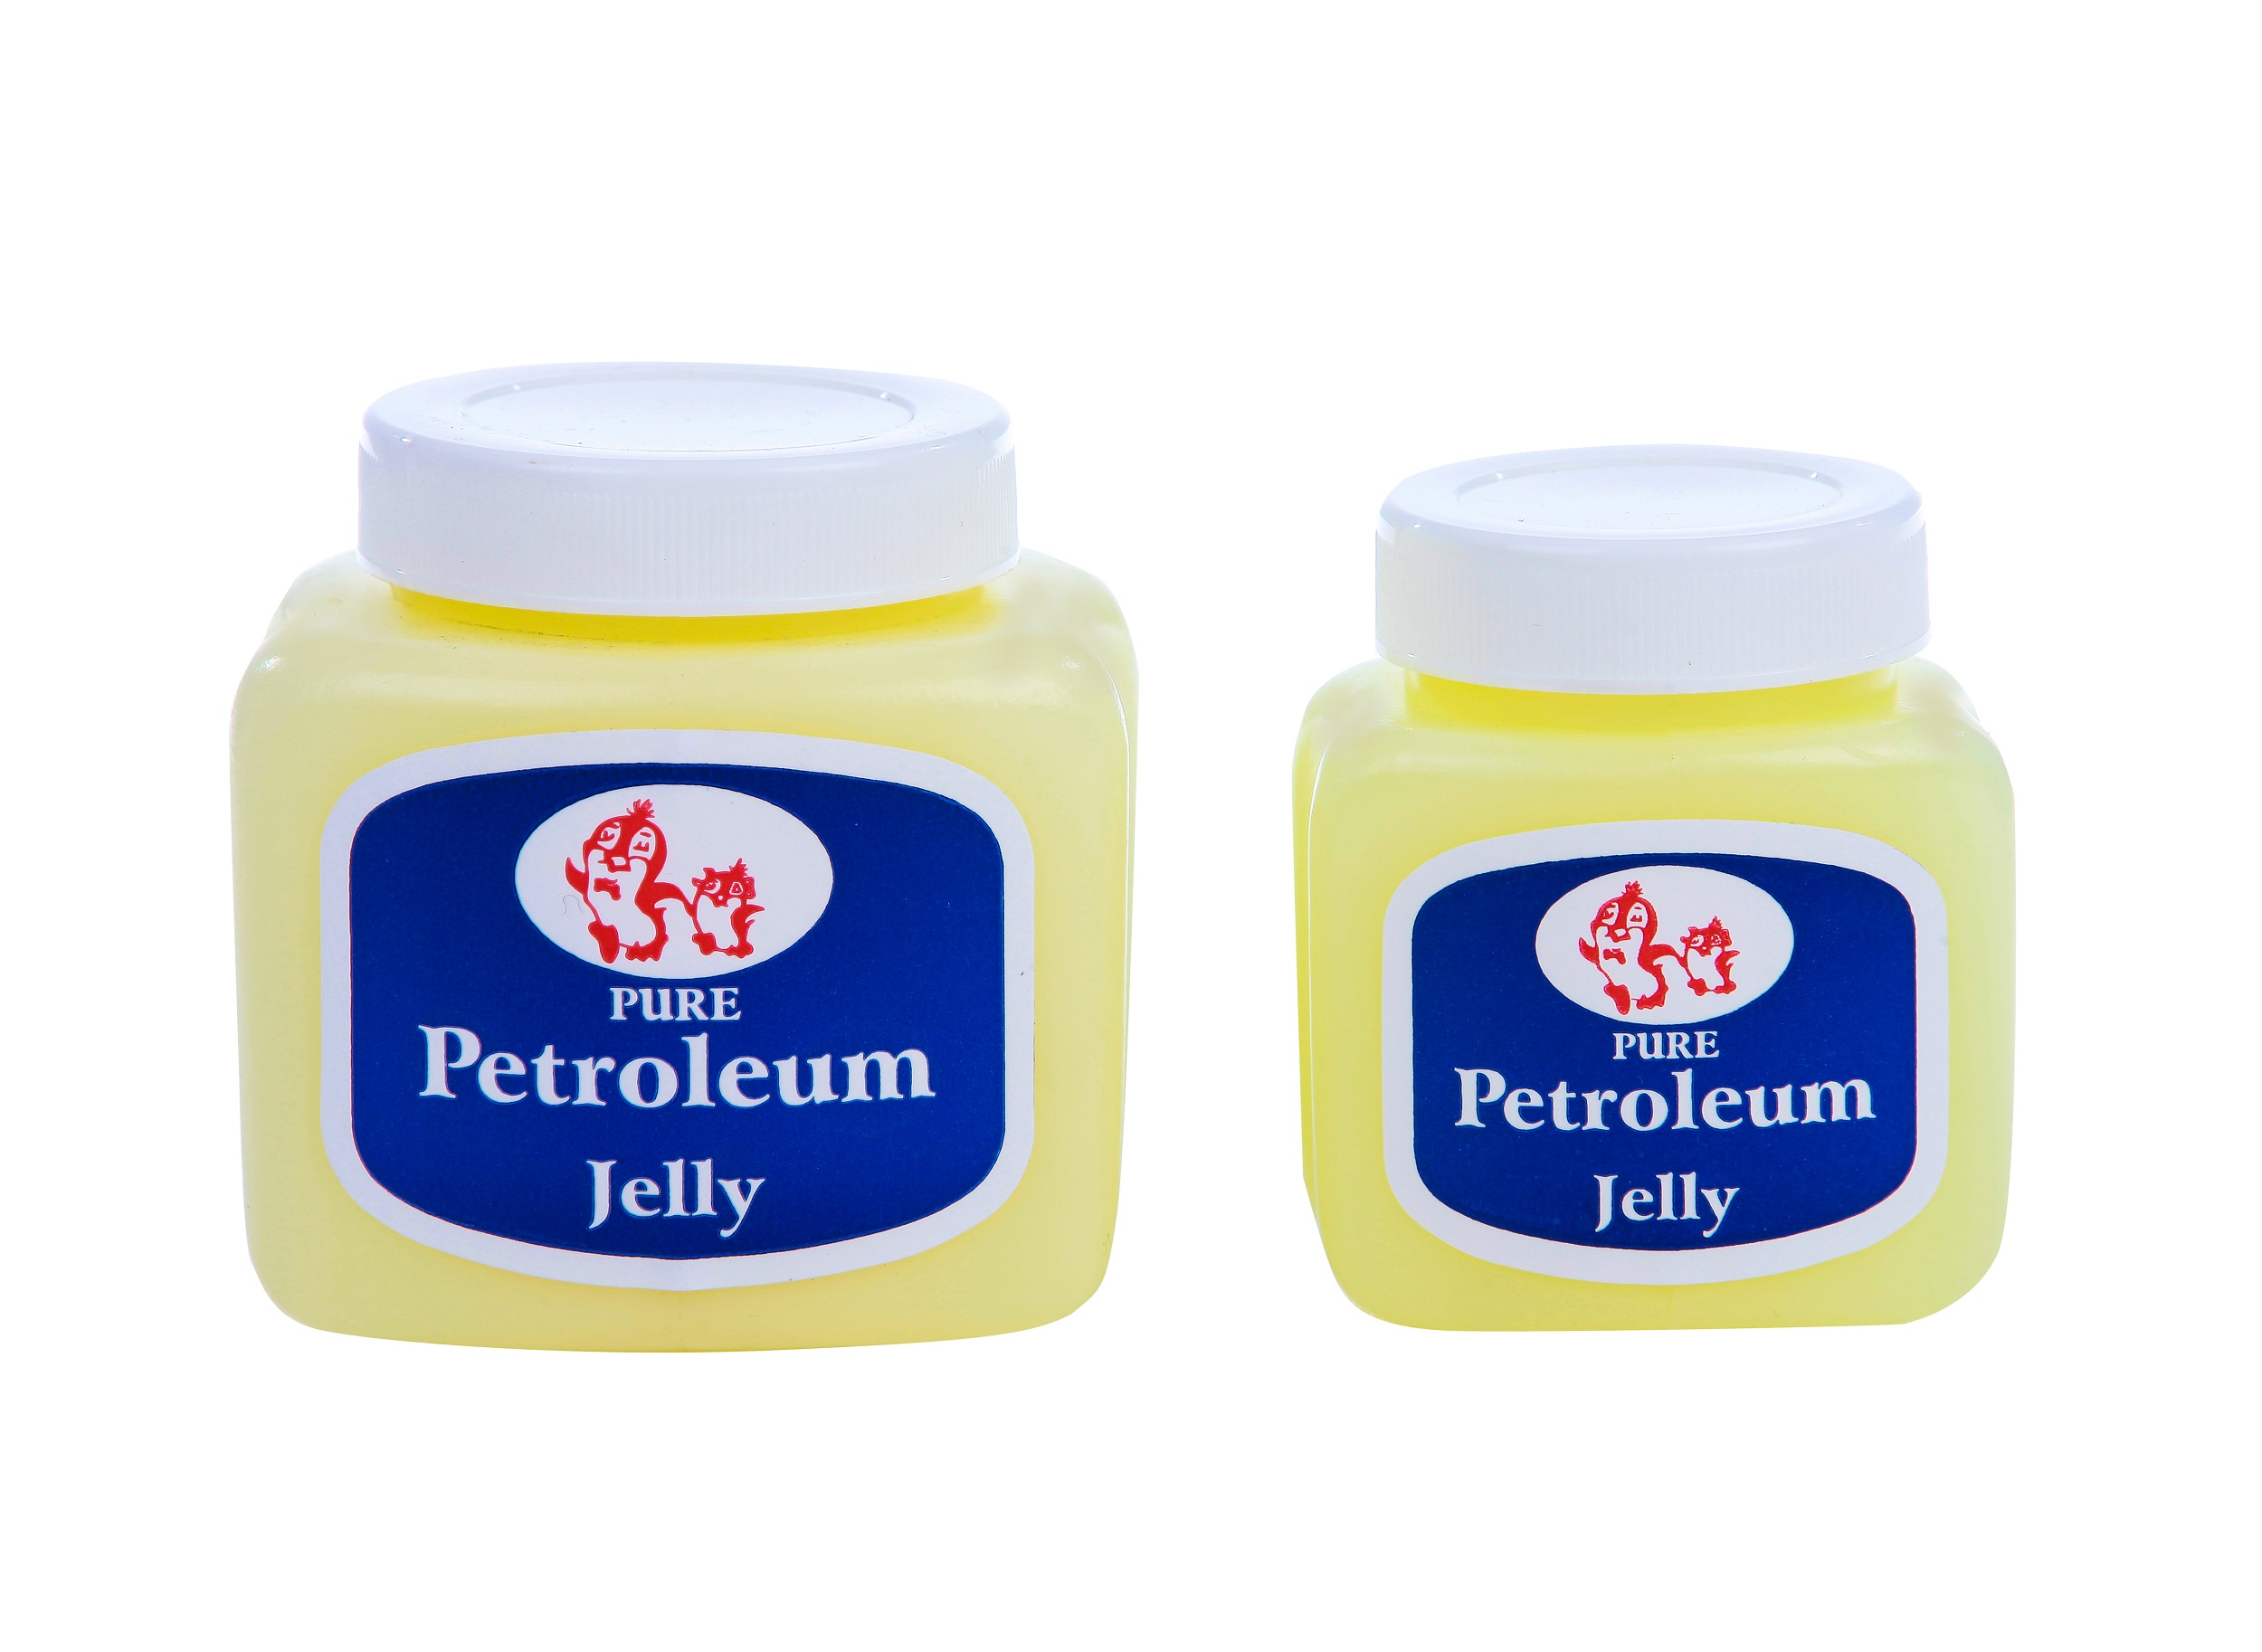 帝通凡士林(原味)Petroleum Jelly